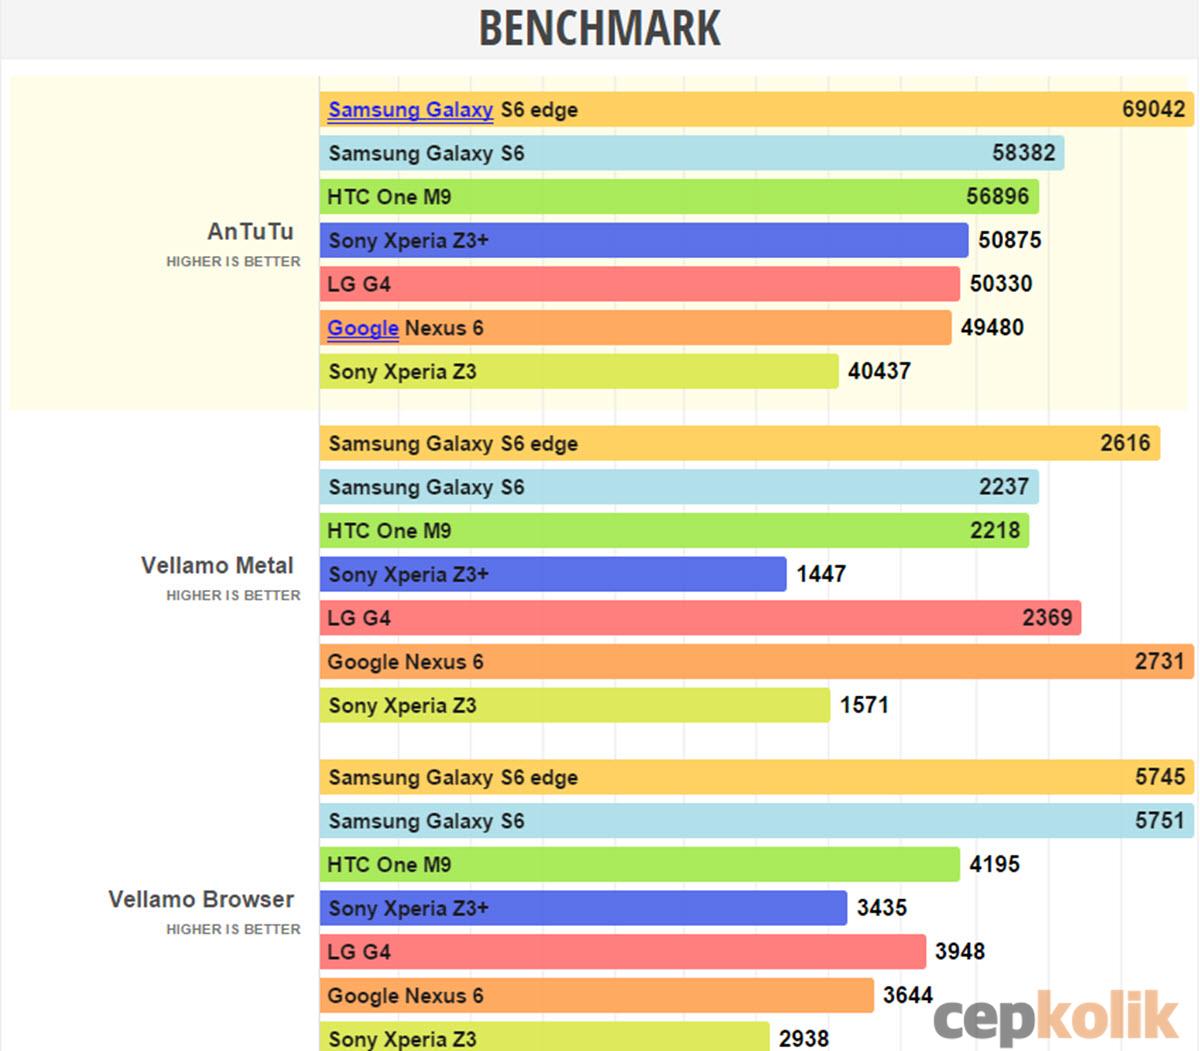 s6 edge benchmark